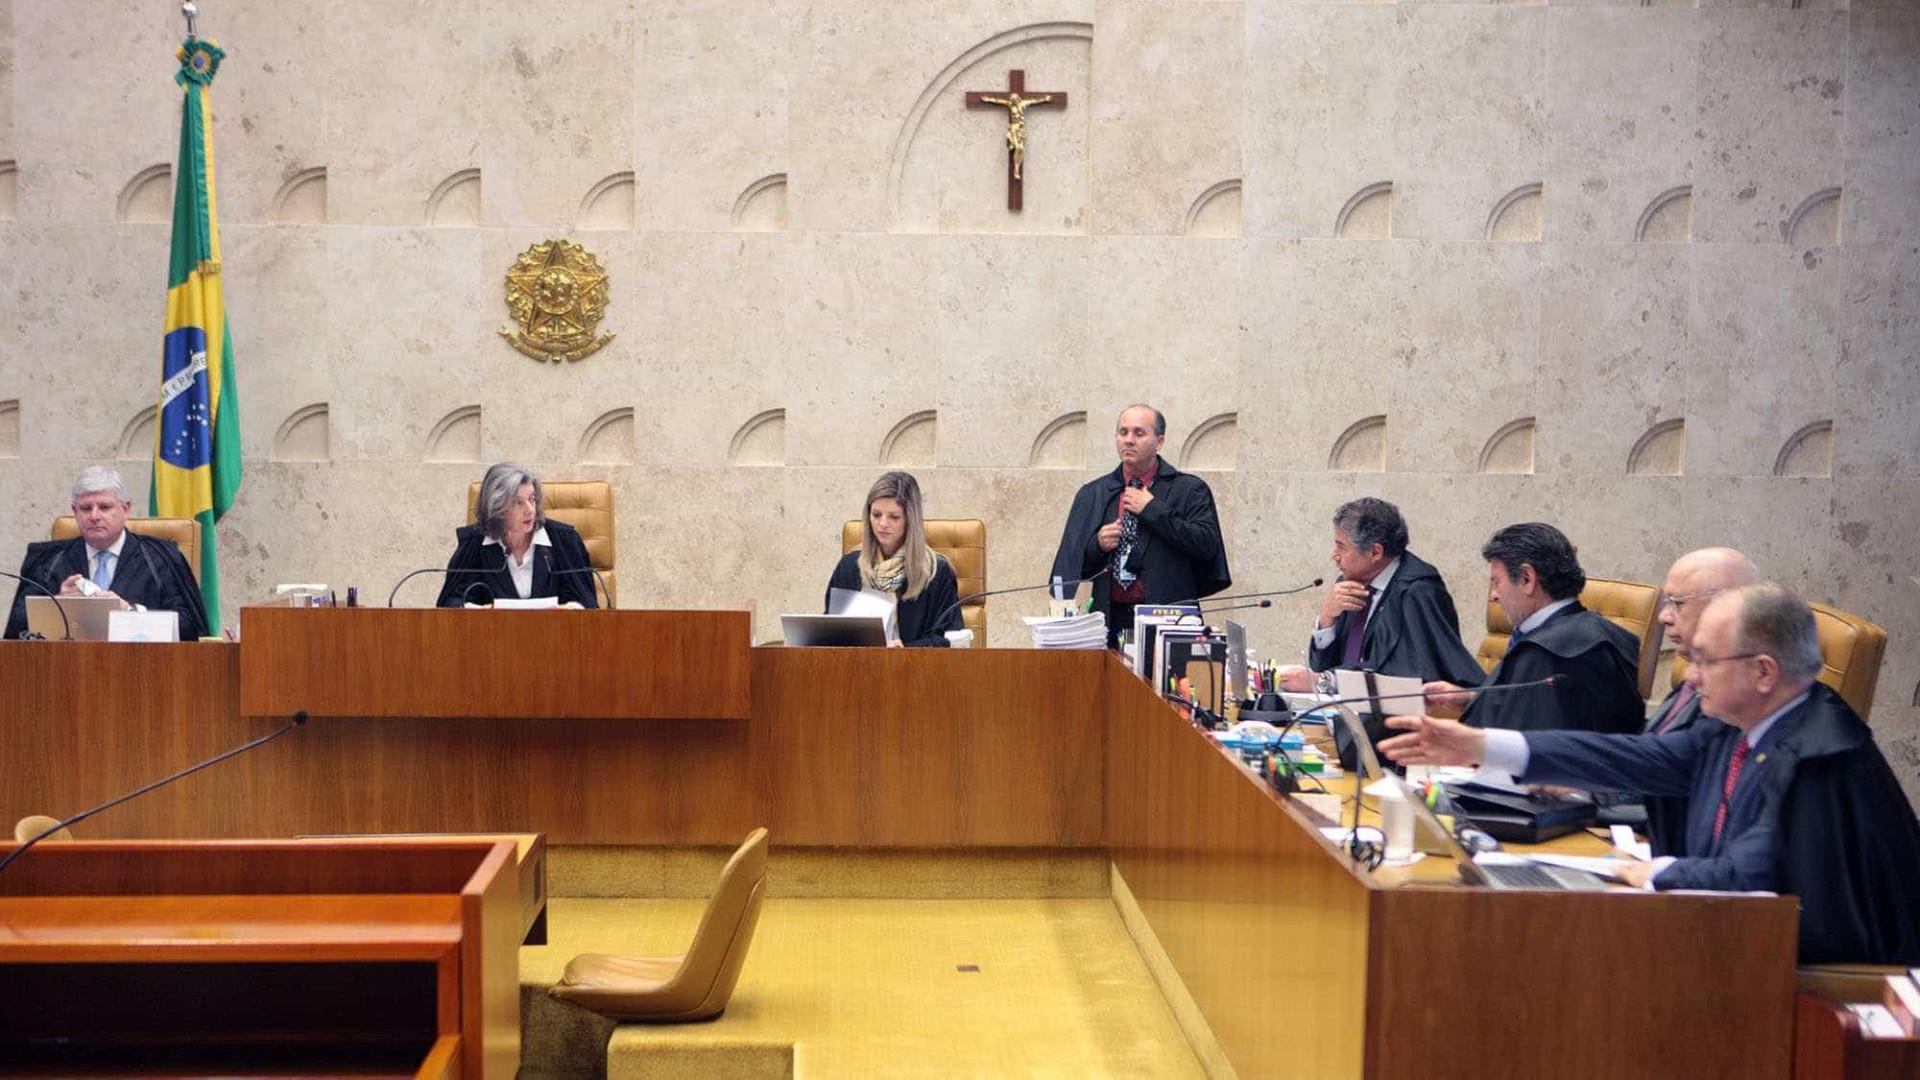 Corte no orçamento de universidades será julgado por plenário do STF